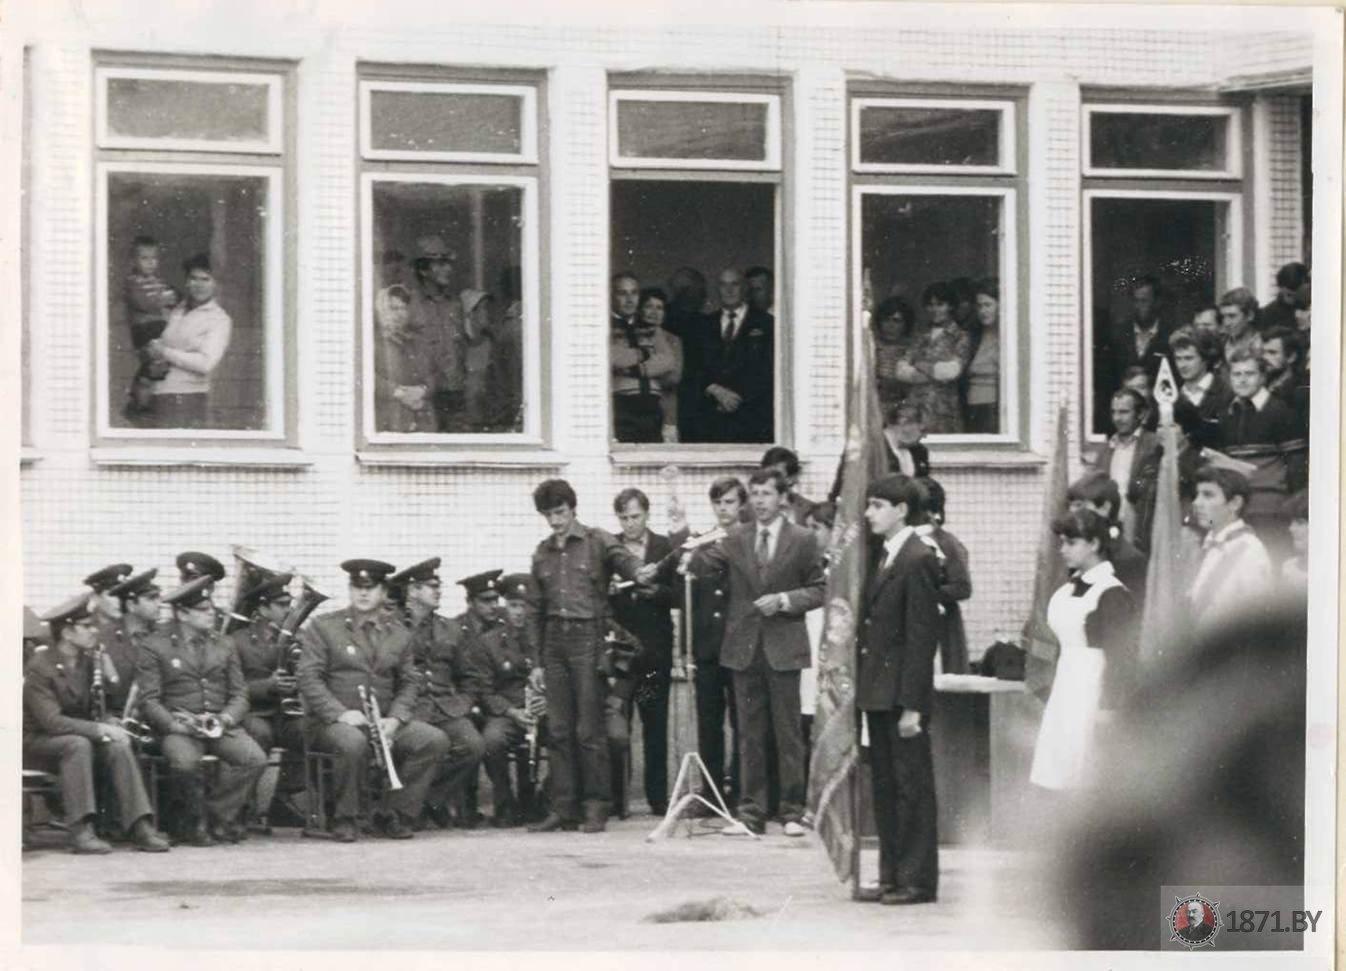 Открытие средней школы №19 в Северном, 1974 год. Фото: сайт 1871.by